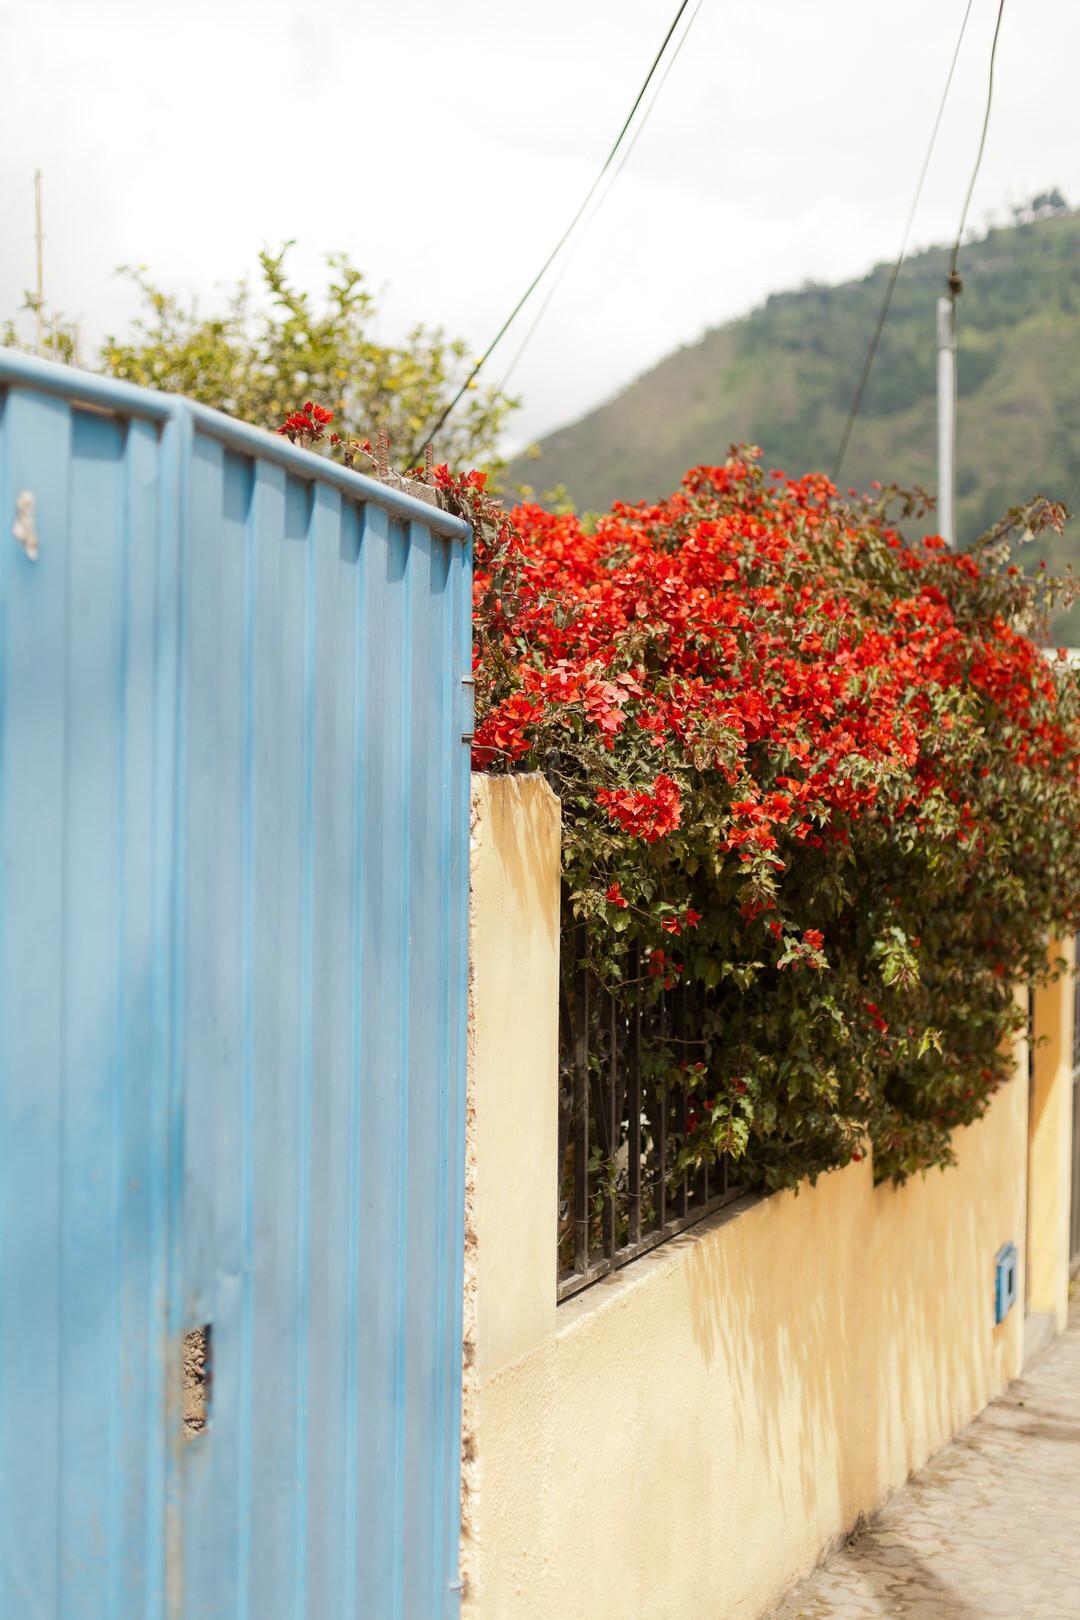 melissa kruse photography - Banos, Ecuador-107.jpg